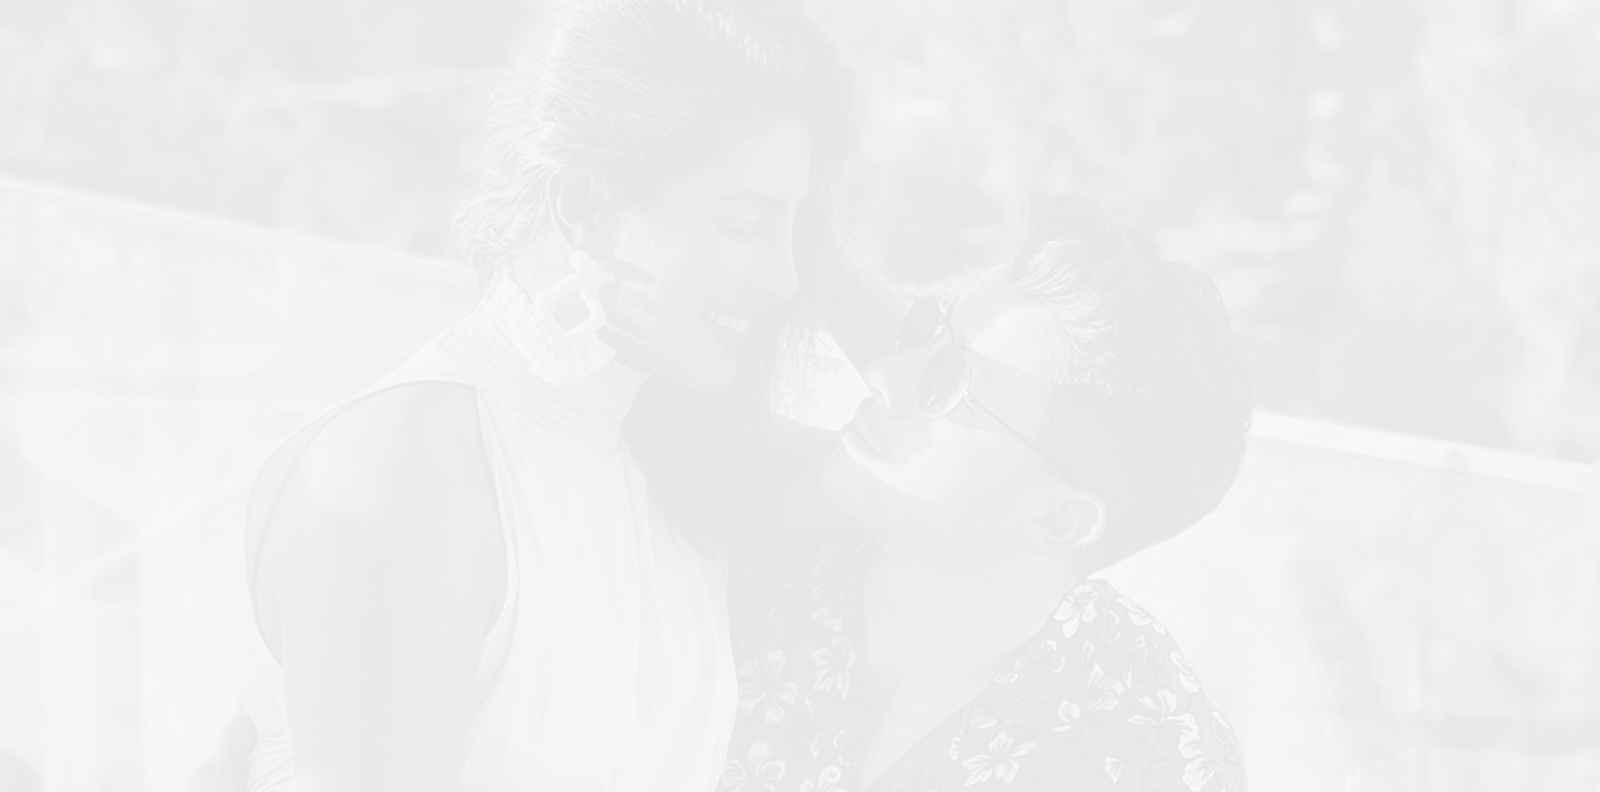 """Ник Джонас към Приянка Чопра: """"Бих могъл да се взирам в очите ти завинаги"""""""